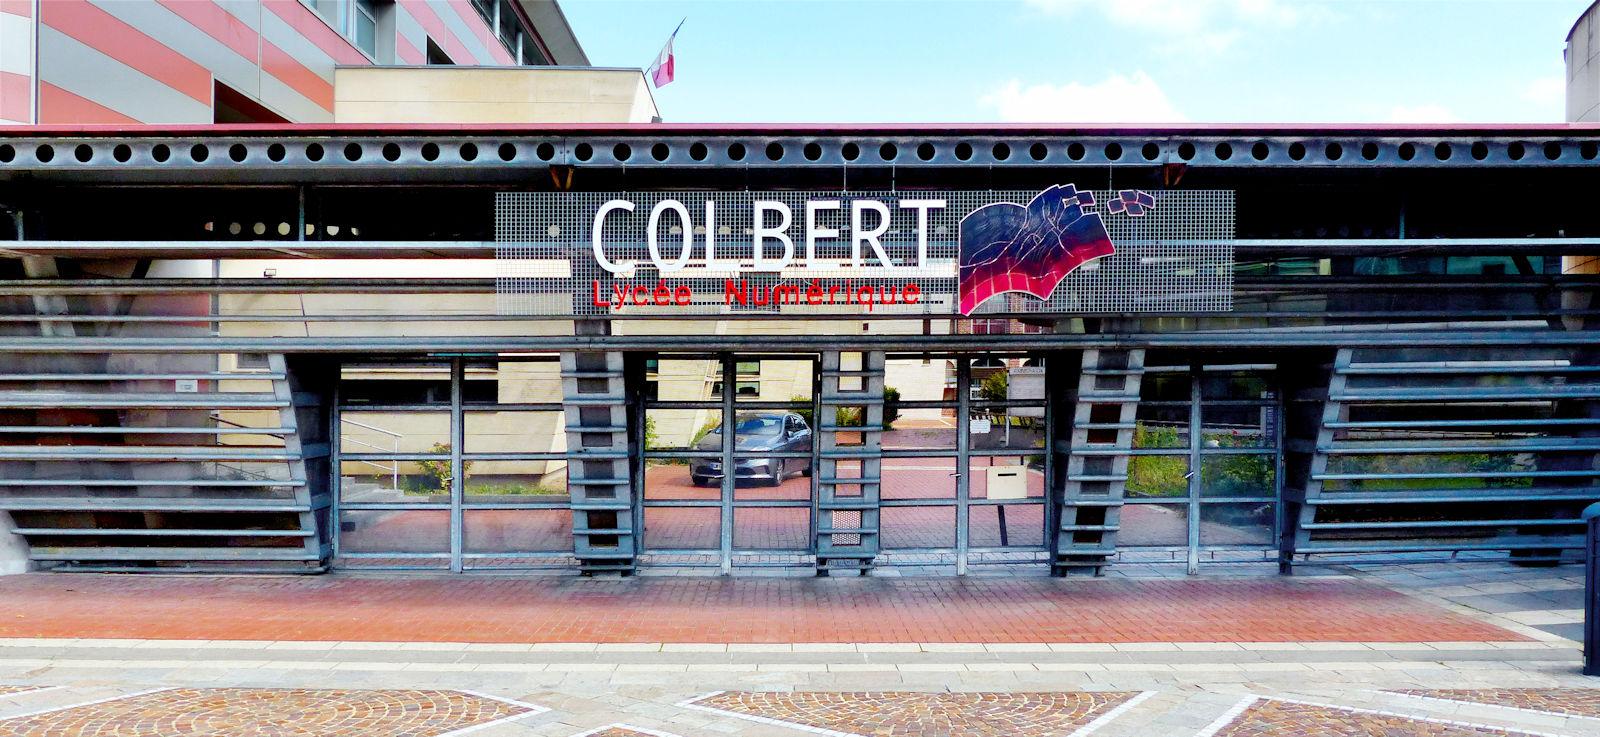 Lycées TOURCOING - Lycée Colbert, grille d'entrée